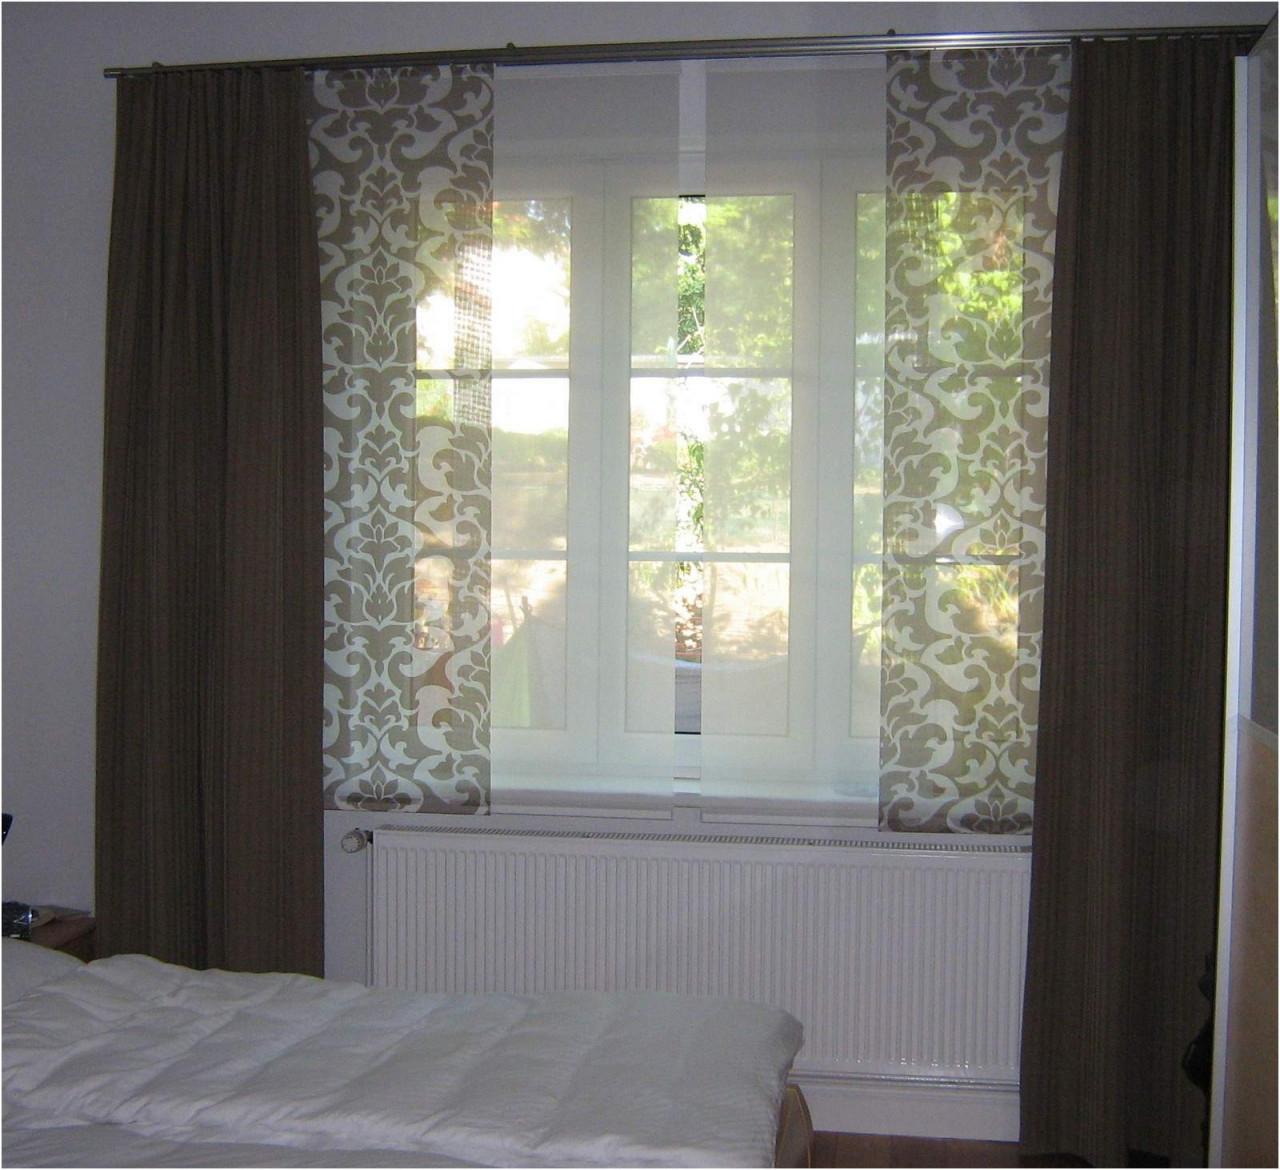 Kurze Gardinen Wohnzimmer Das Beste Von Wohnzimmer Fenster von Kurze Gardinen Wohnzimmer Bild